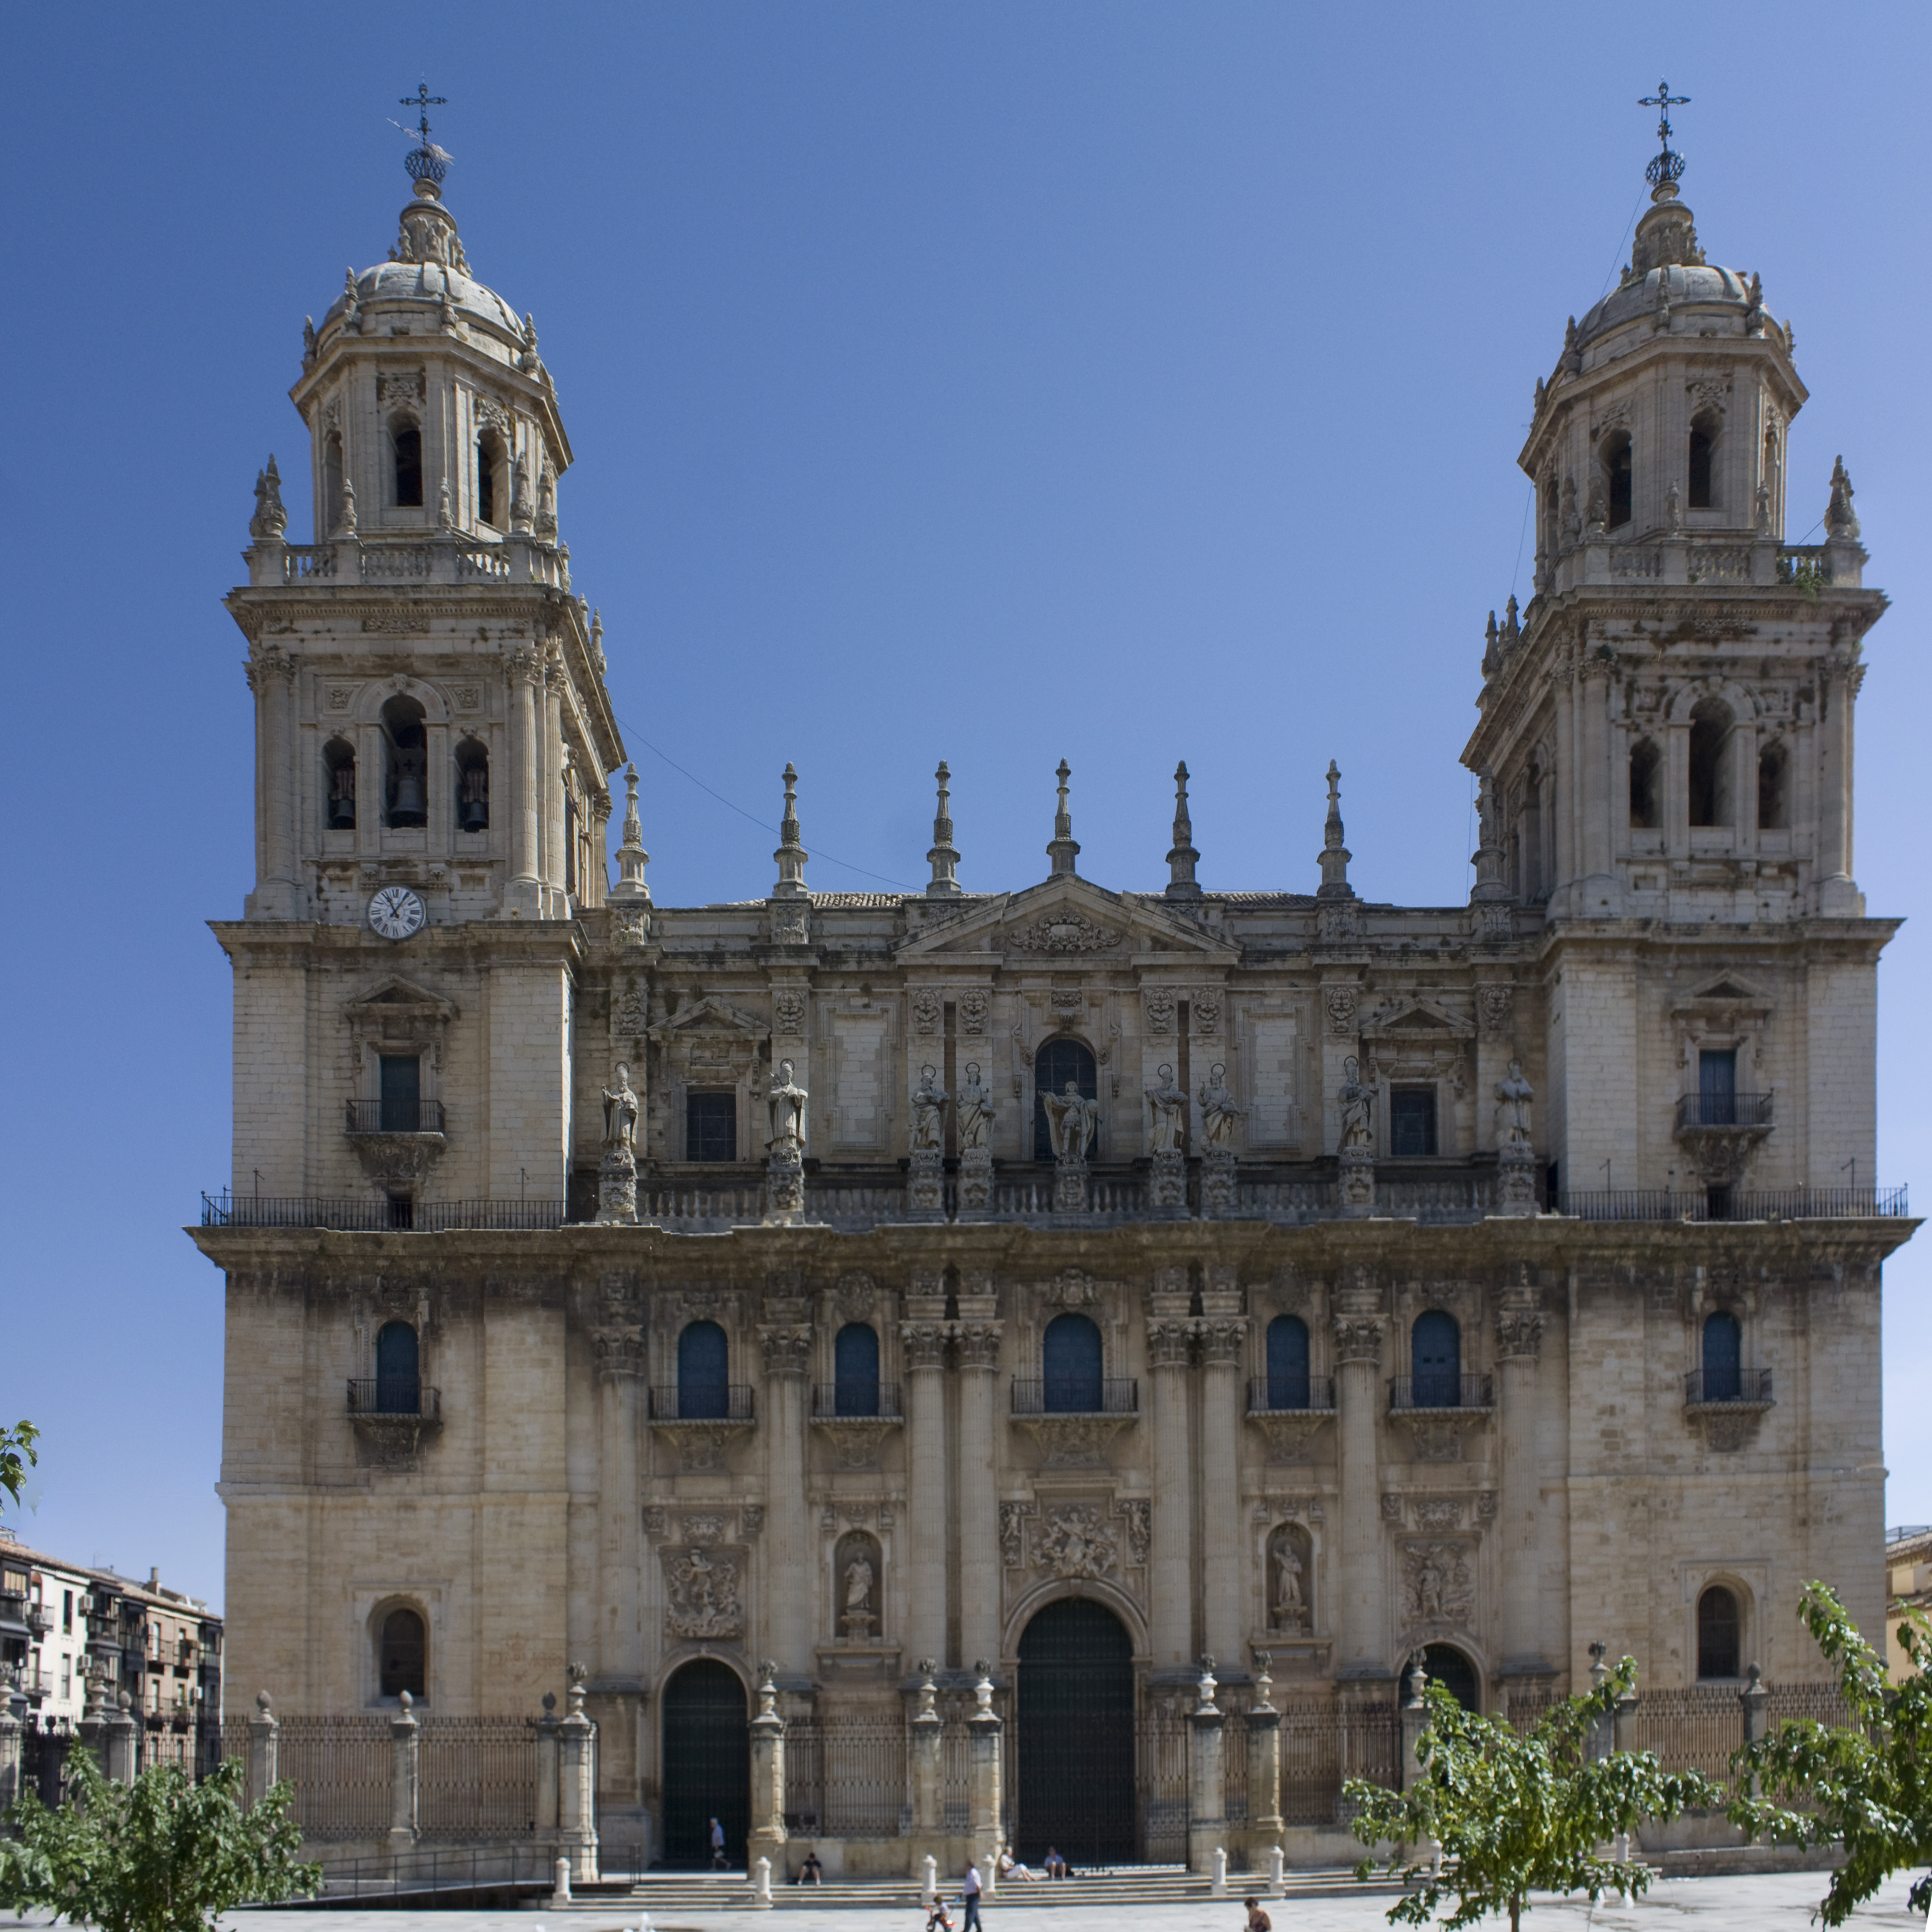 File:Jaén-Catedral de la Asunción VPSM-20110919.jpg - Wikimedia Commons